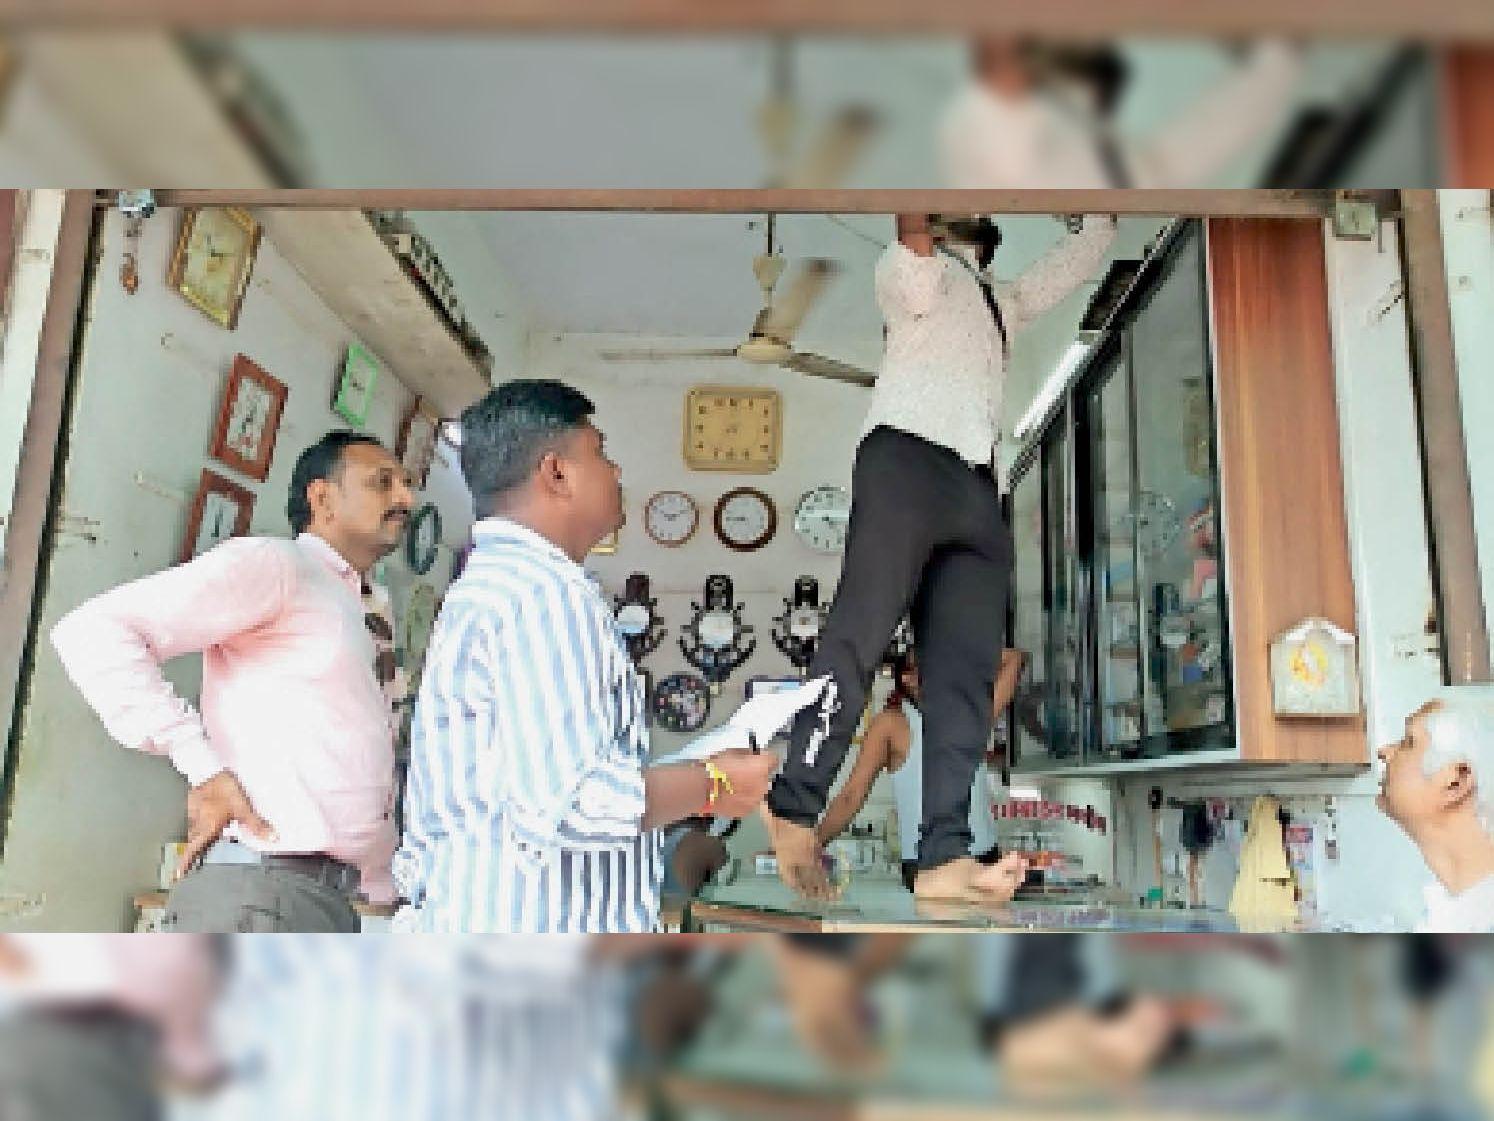 नगर में दुकानों पर मीटरों की जांच करते बिजली कंपनी के कर्मचारी। - Dainik Bhaskar